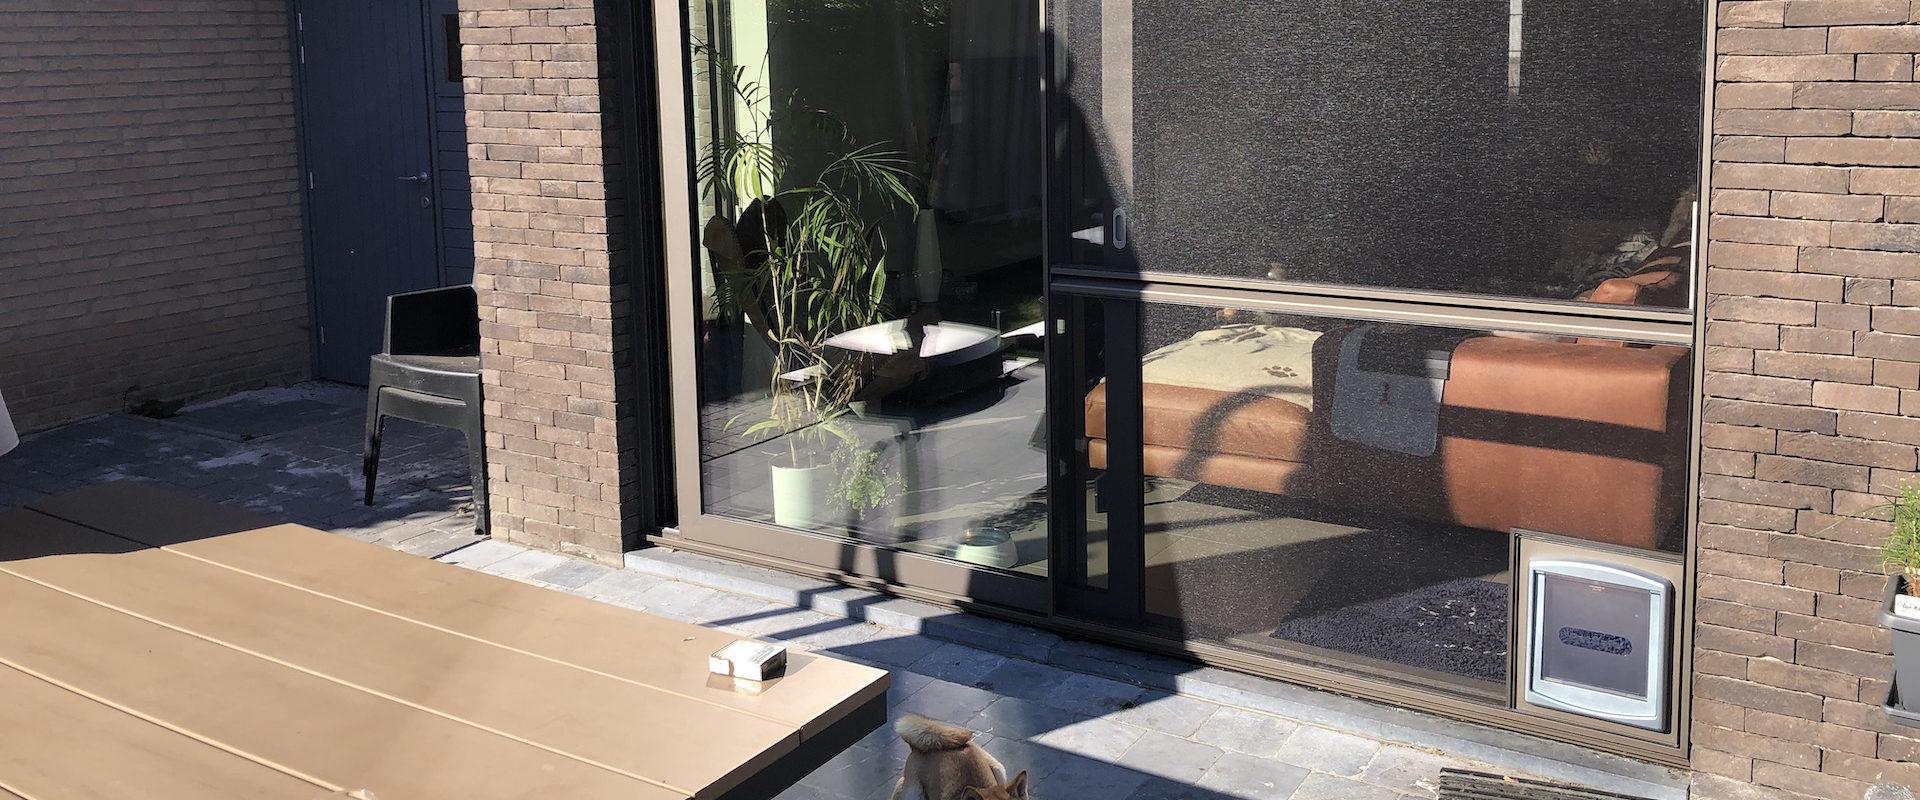 Schuifvliegendeur elegance met hondenluik medium